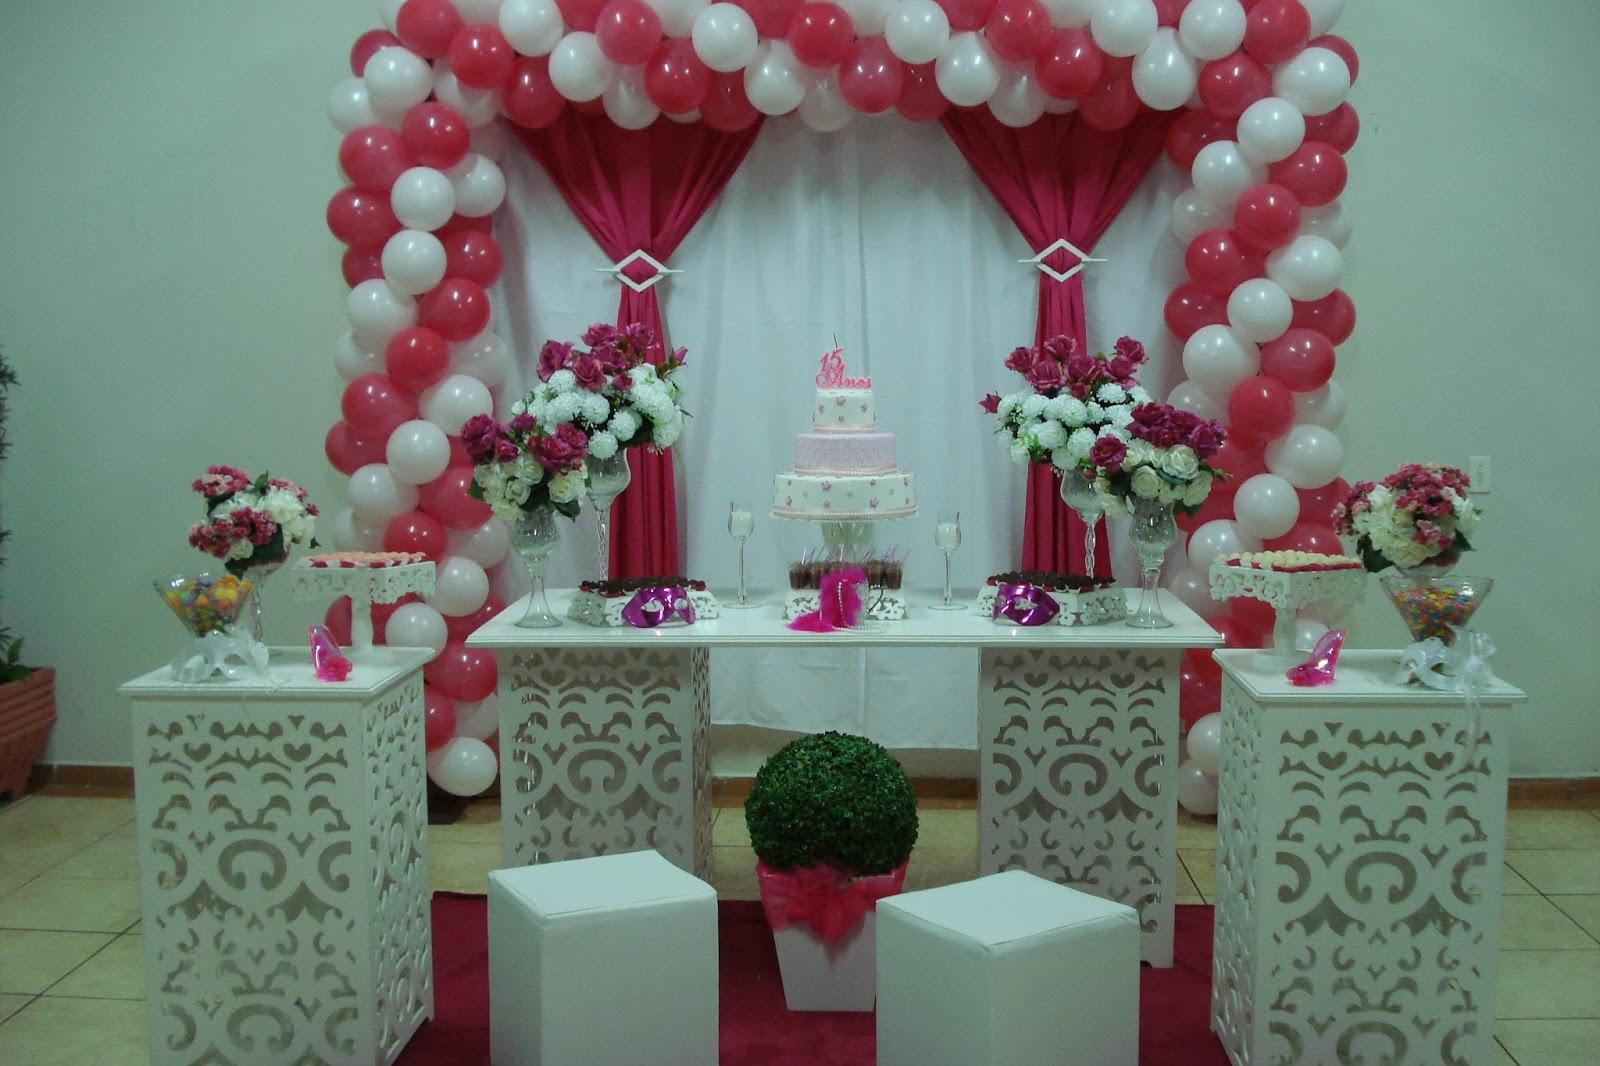 Decoração De Festa De Quinze Anos Com Baloes